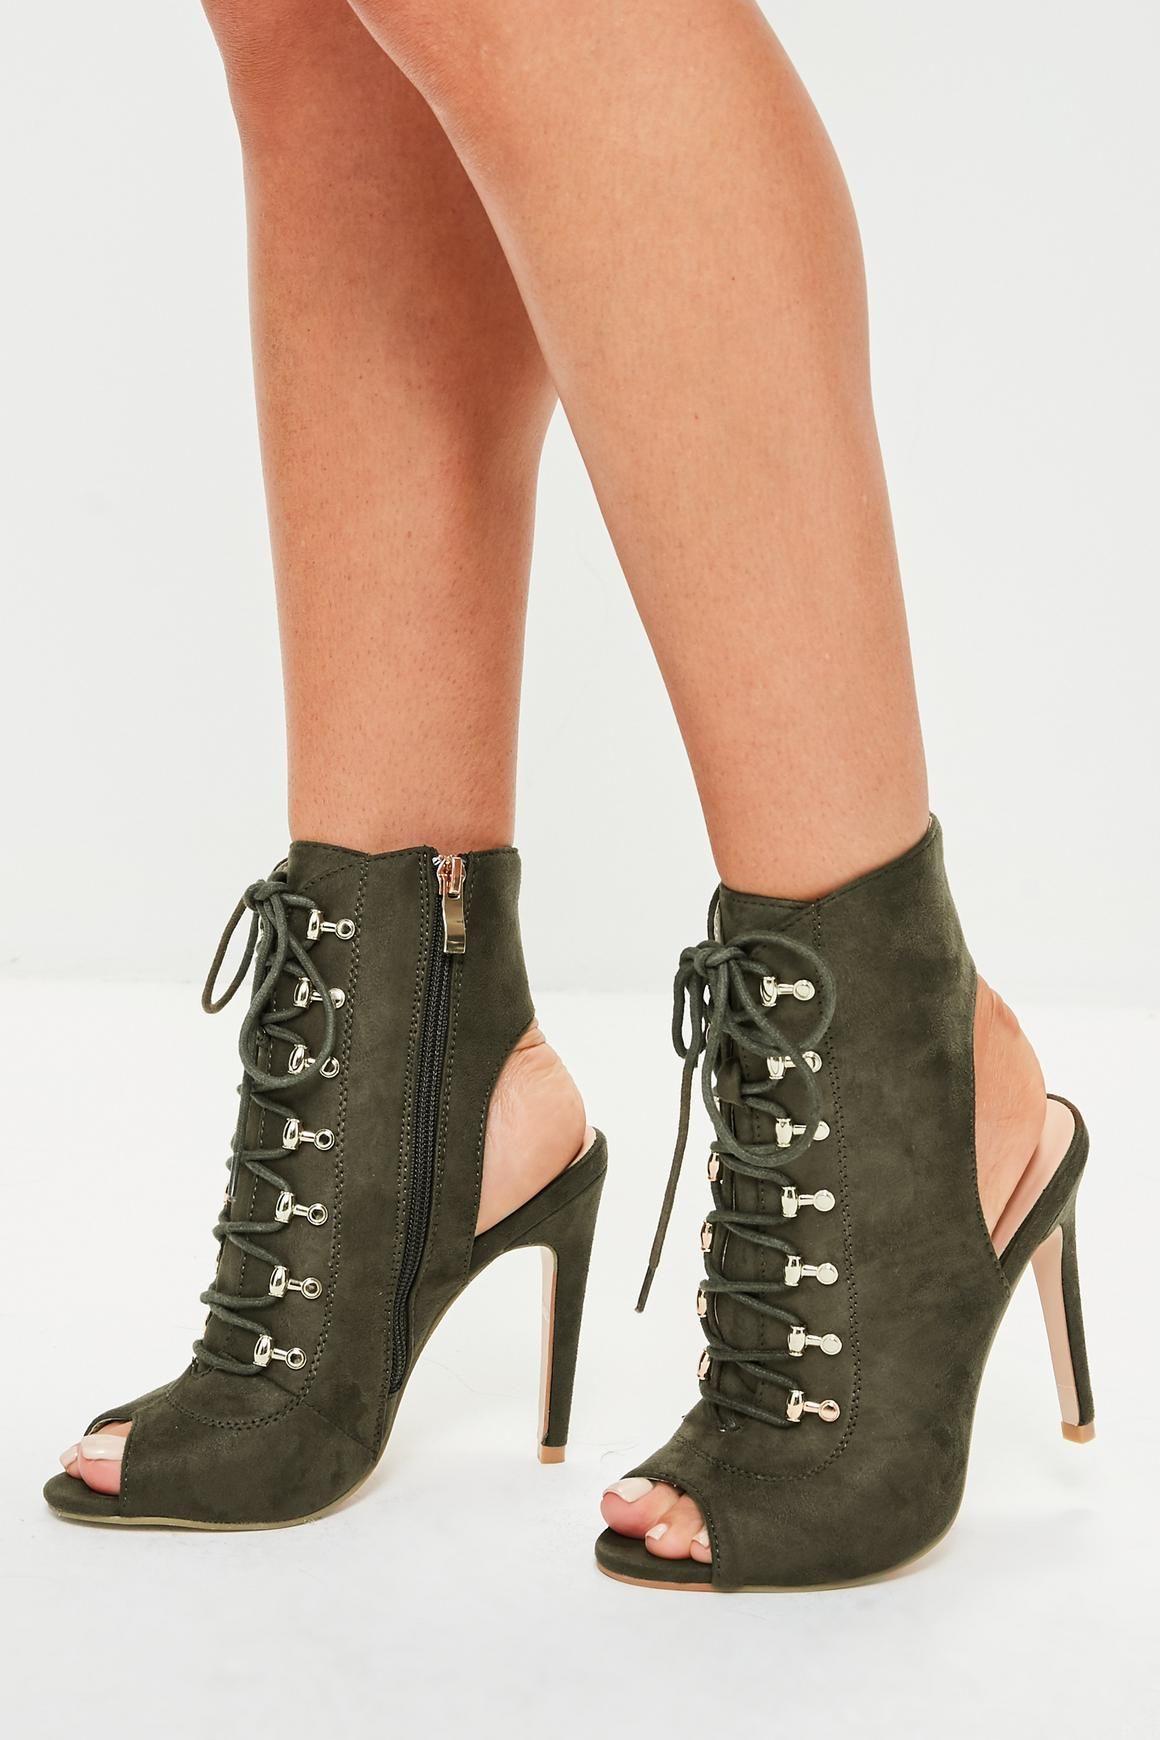 fac2e73cc30d0 Khaki Lace Up Peep Toe Ankle Boots | Shoes, Boots, Sandals, Wedges ...